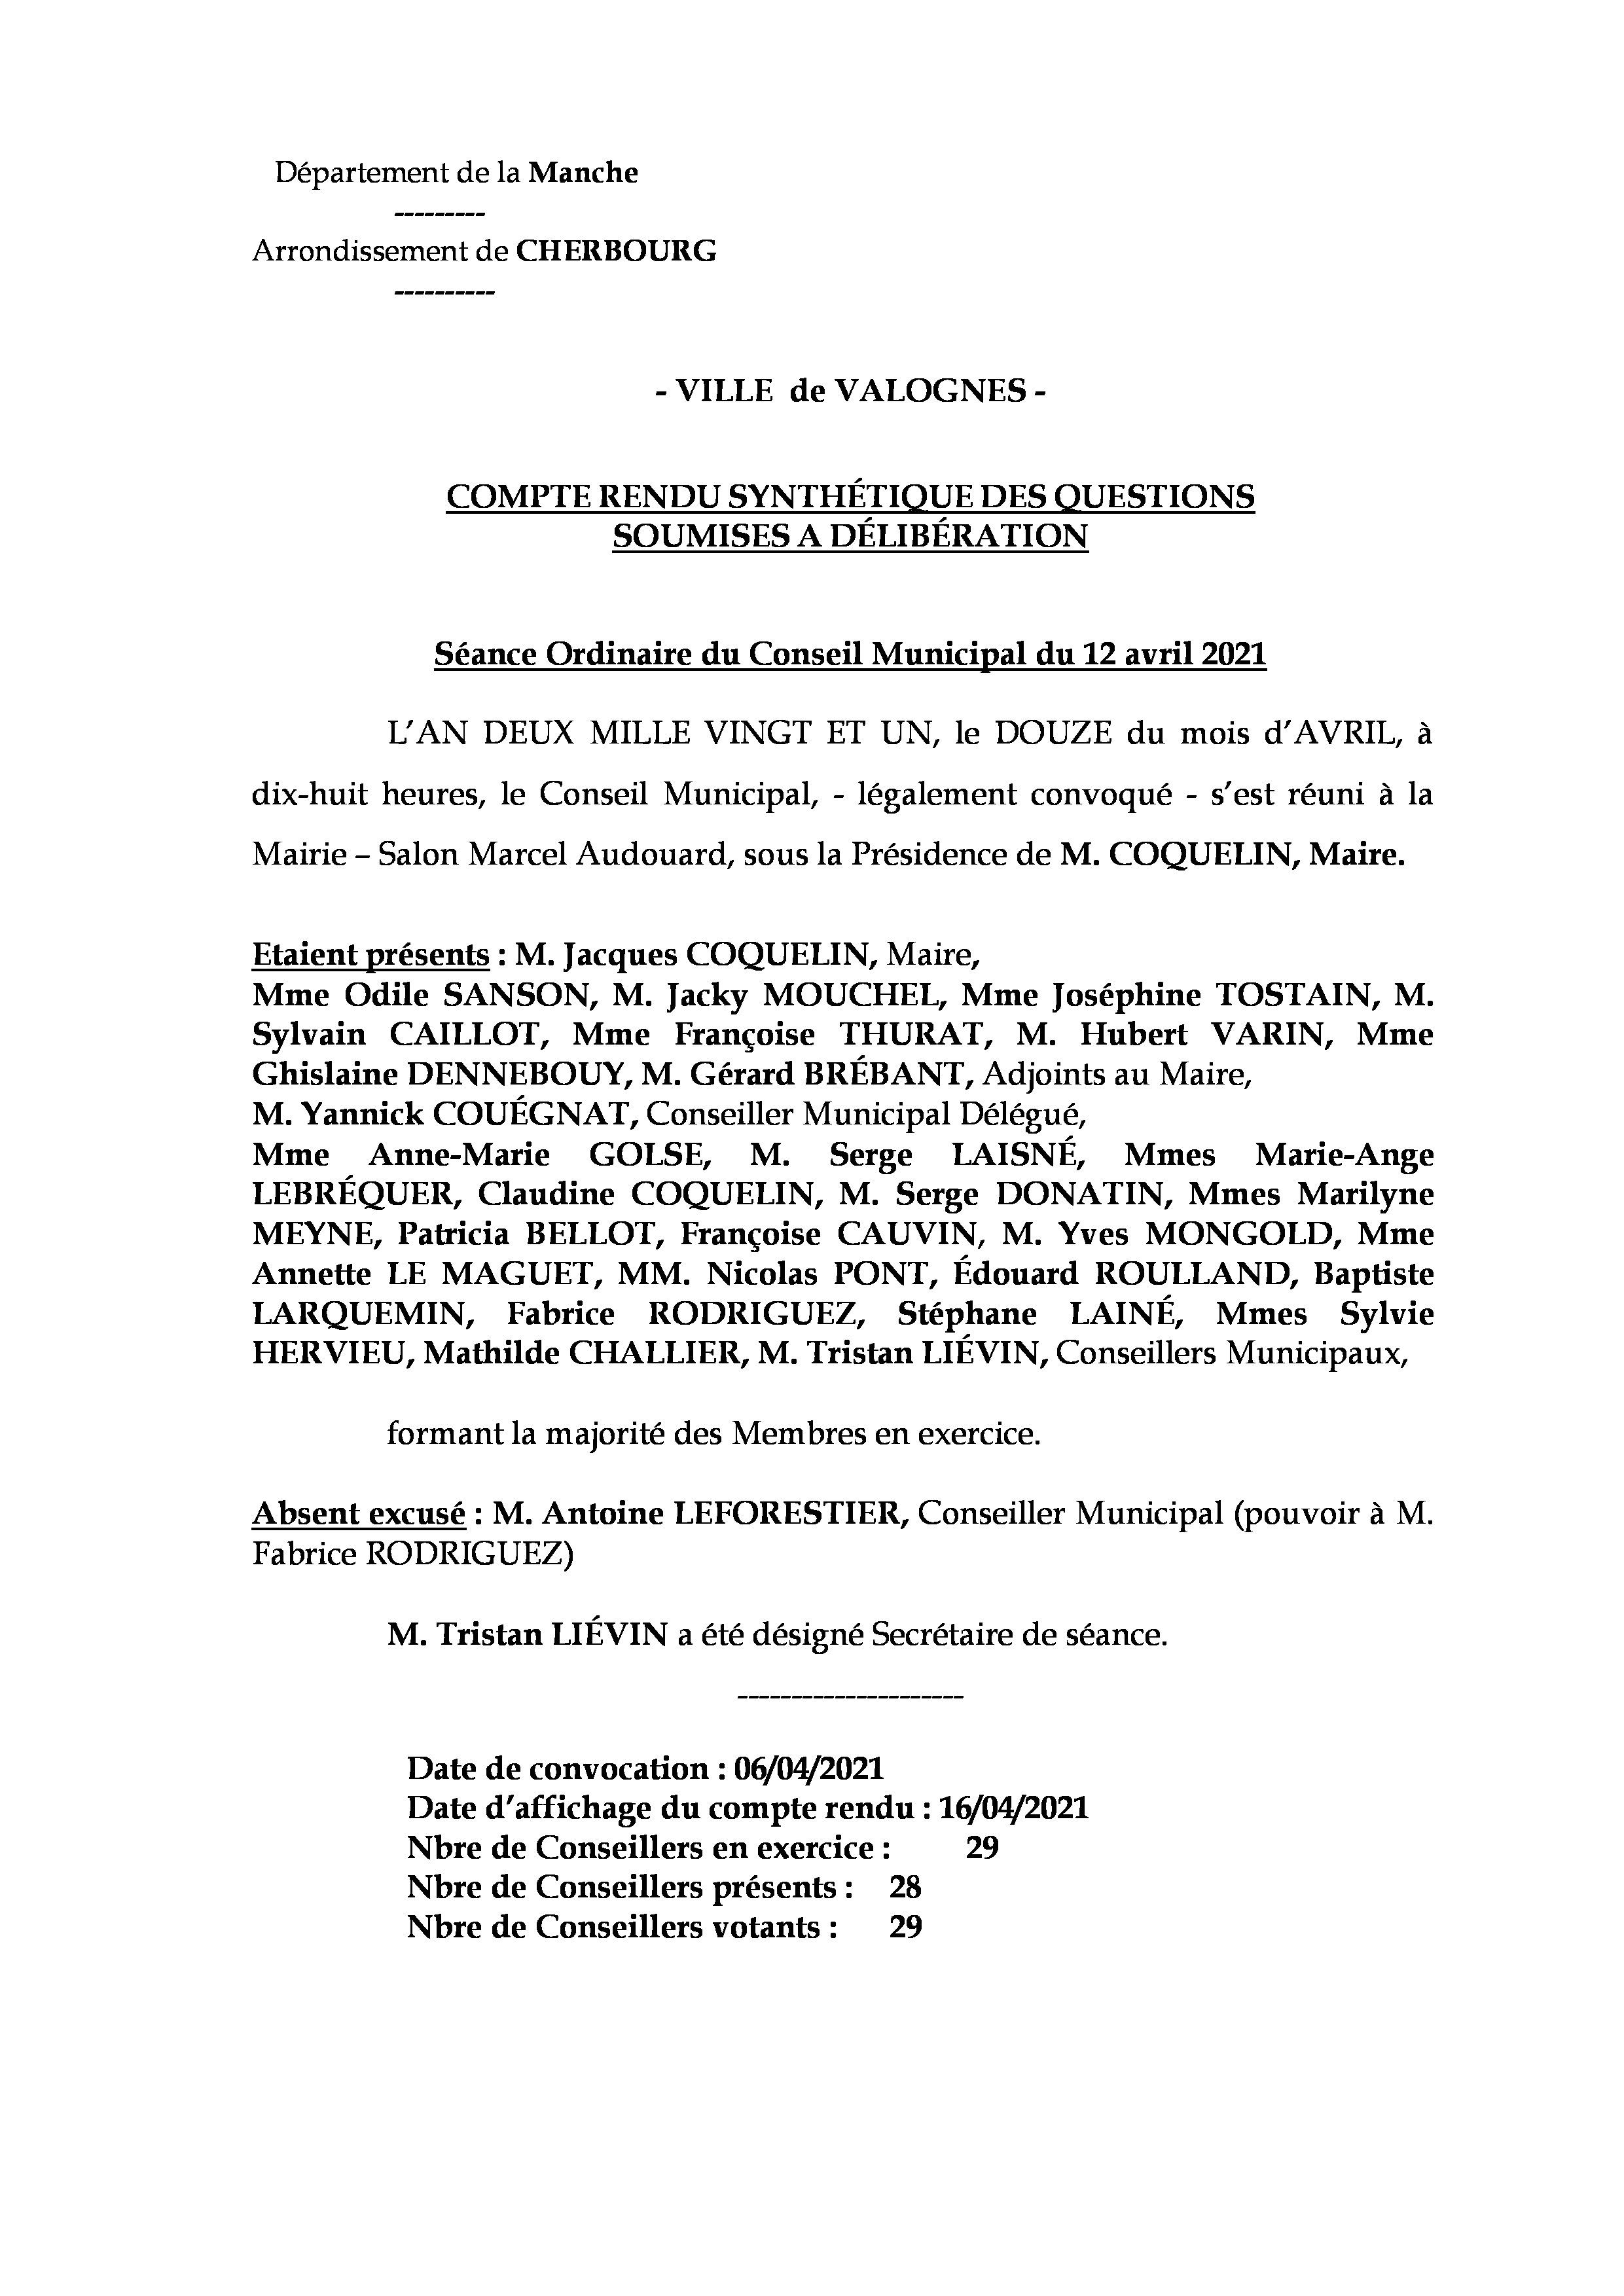 Compte rendu de réunion du 12 04 21 - Compte rendu synthétique des questions soumises à délibération lors de la réunion du Conseil Municipal du 12 avril 2021.